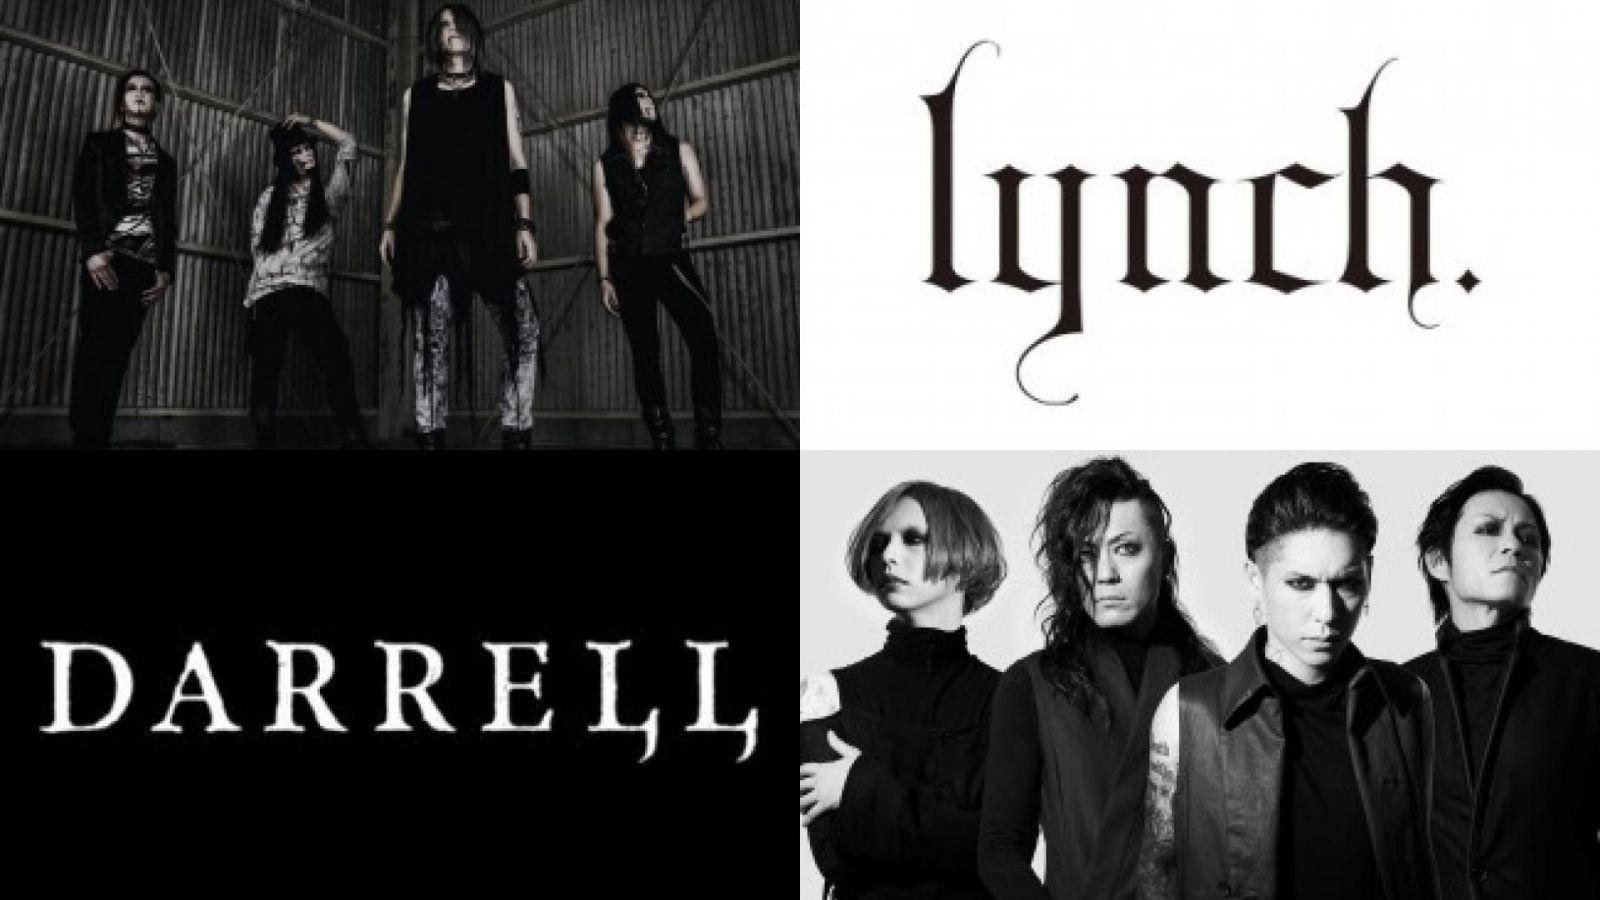 lynch. vs DARRELL © lynch, DARRELL